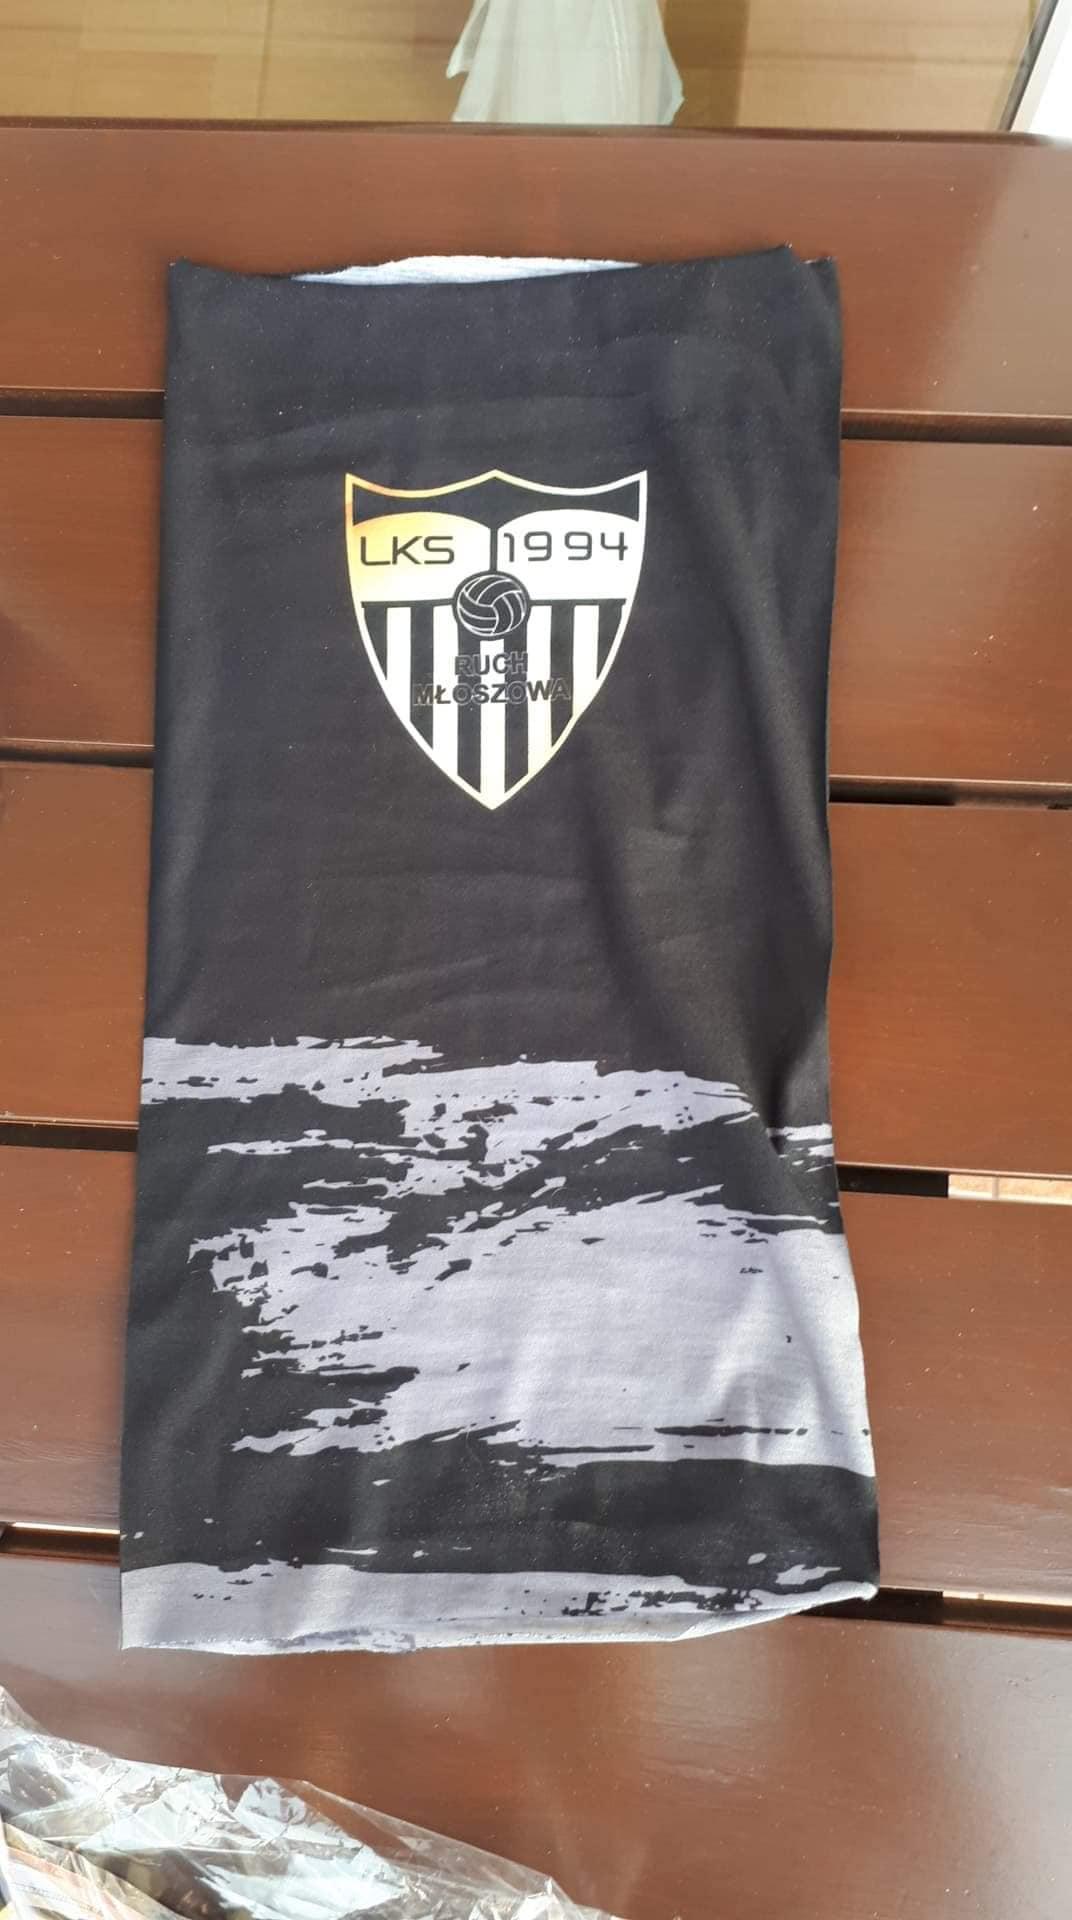 kominy z nadrukiem dla LKS 1994